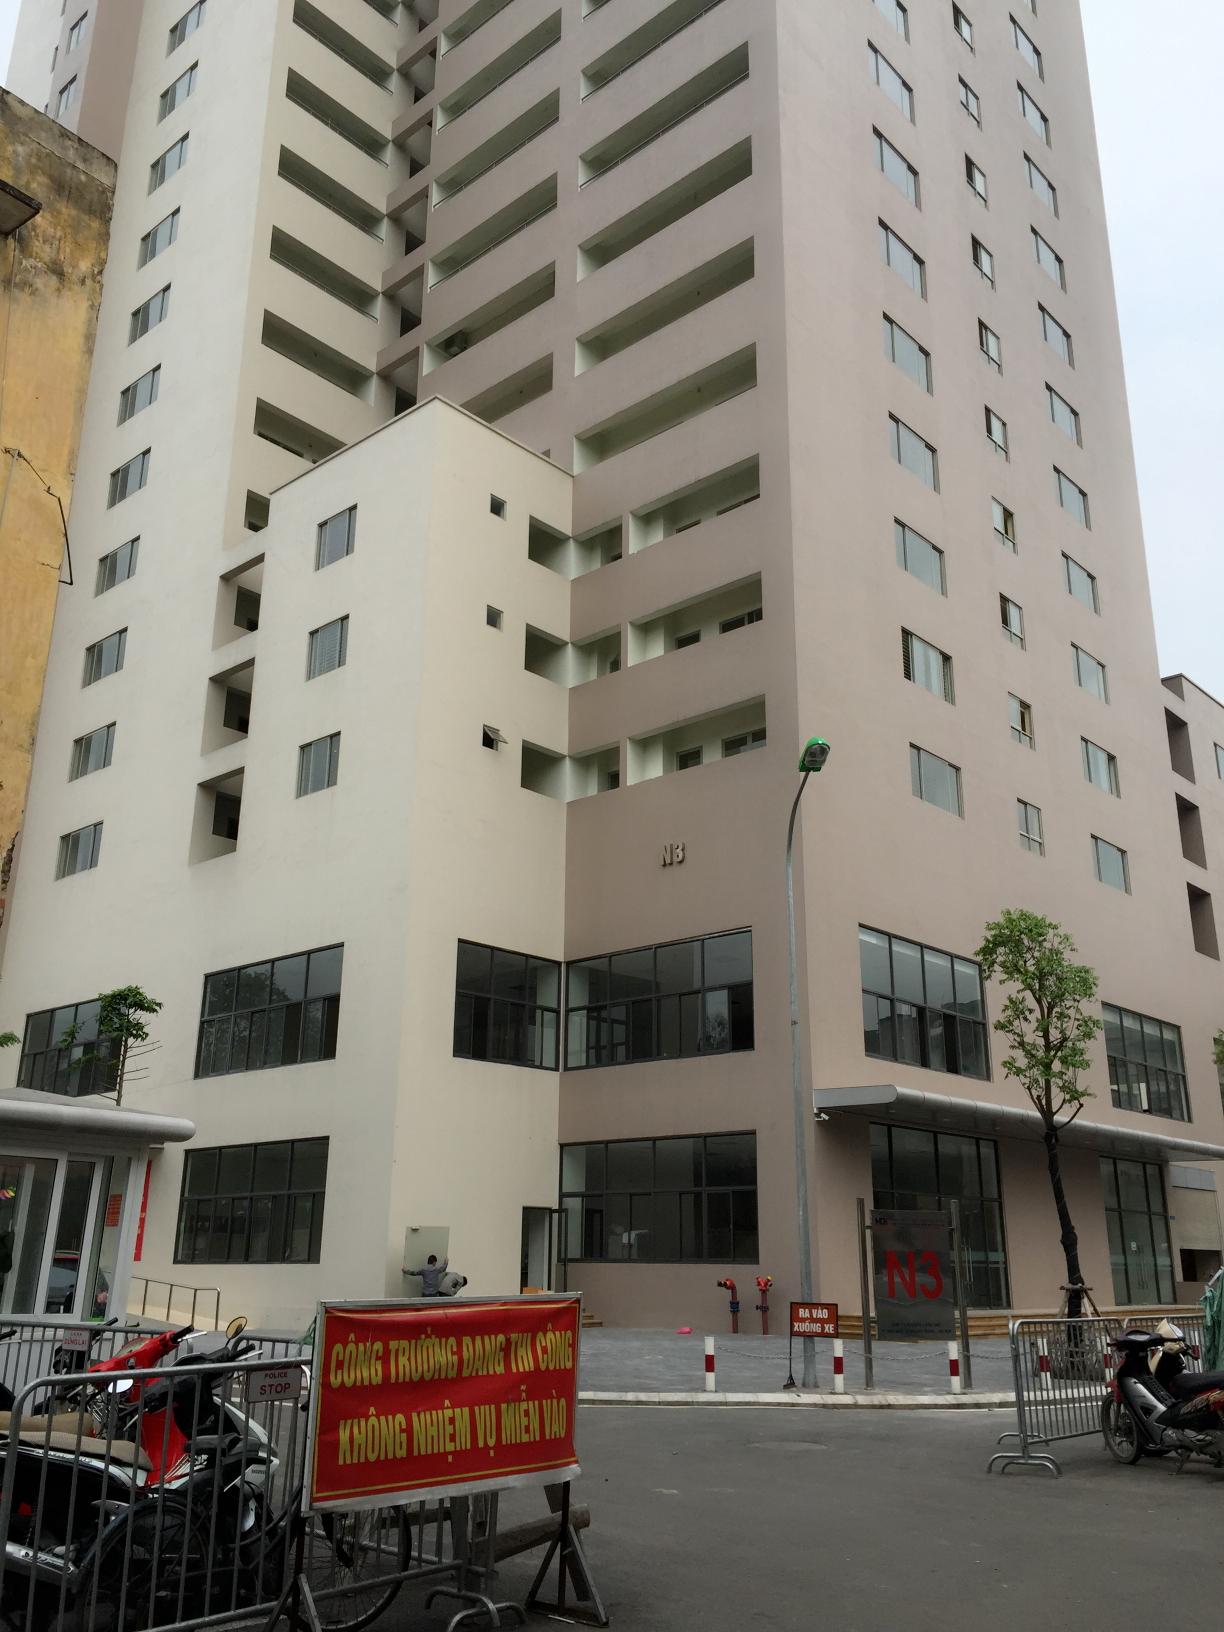 Dự án N3 Nguyễn Công Trứ đã hoàn thành nhưng nhiều cư dân vẫn chưa về nhận nhà. Ảnh: Ngọc Vy